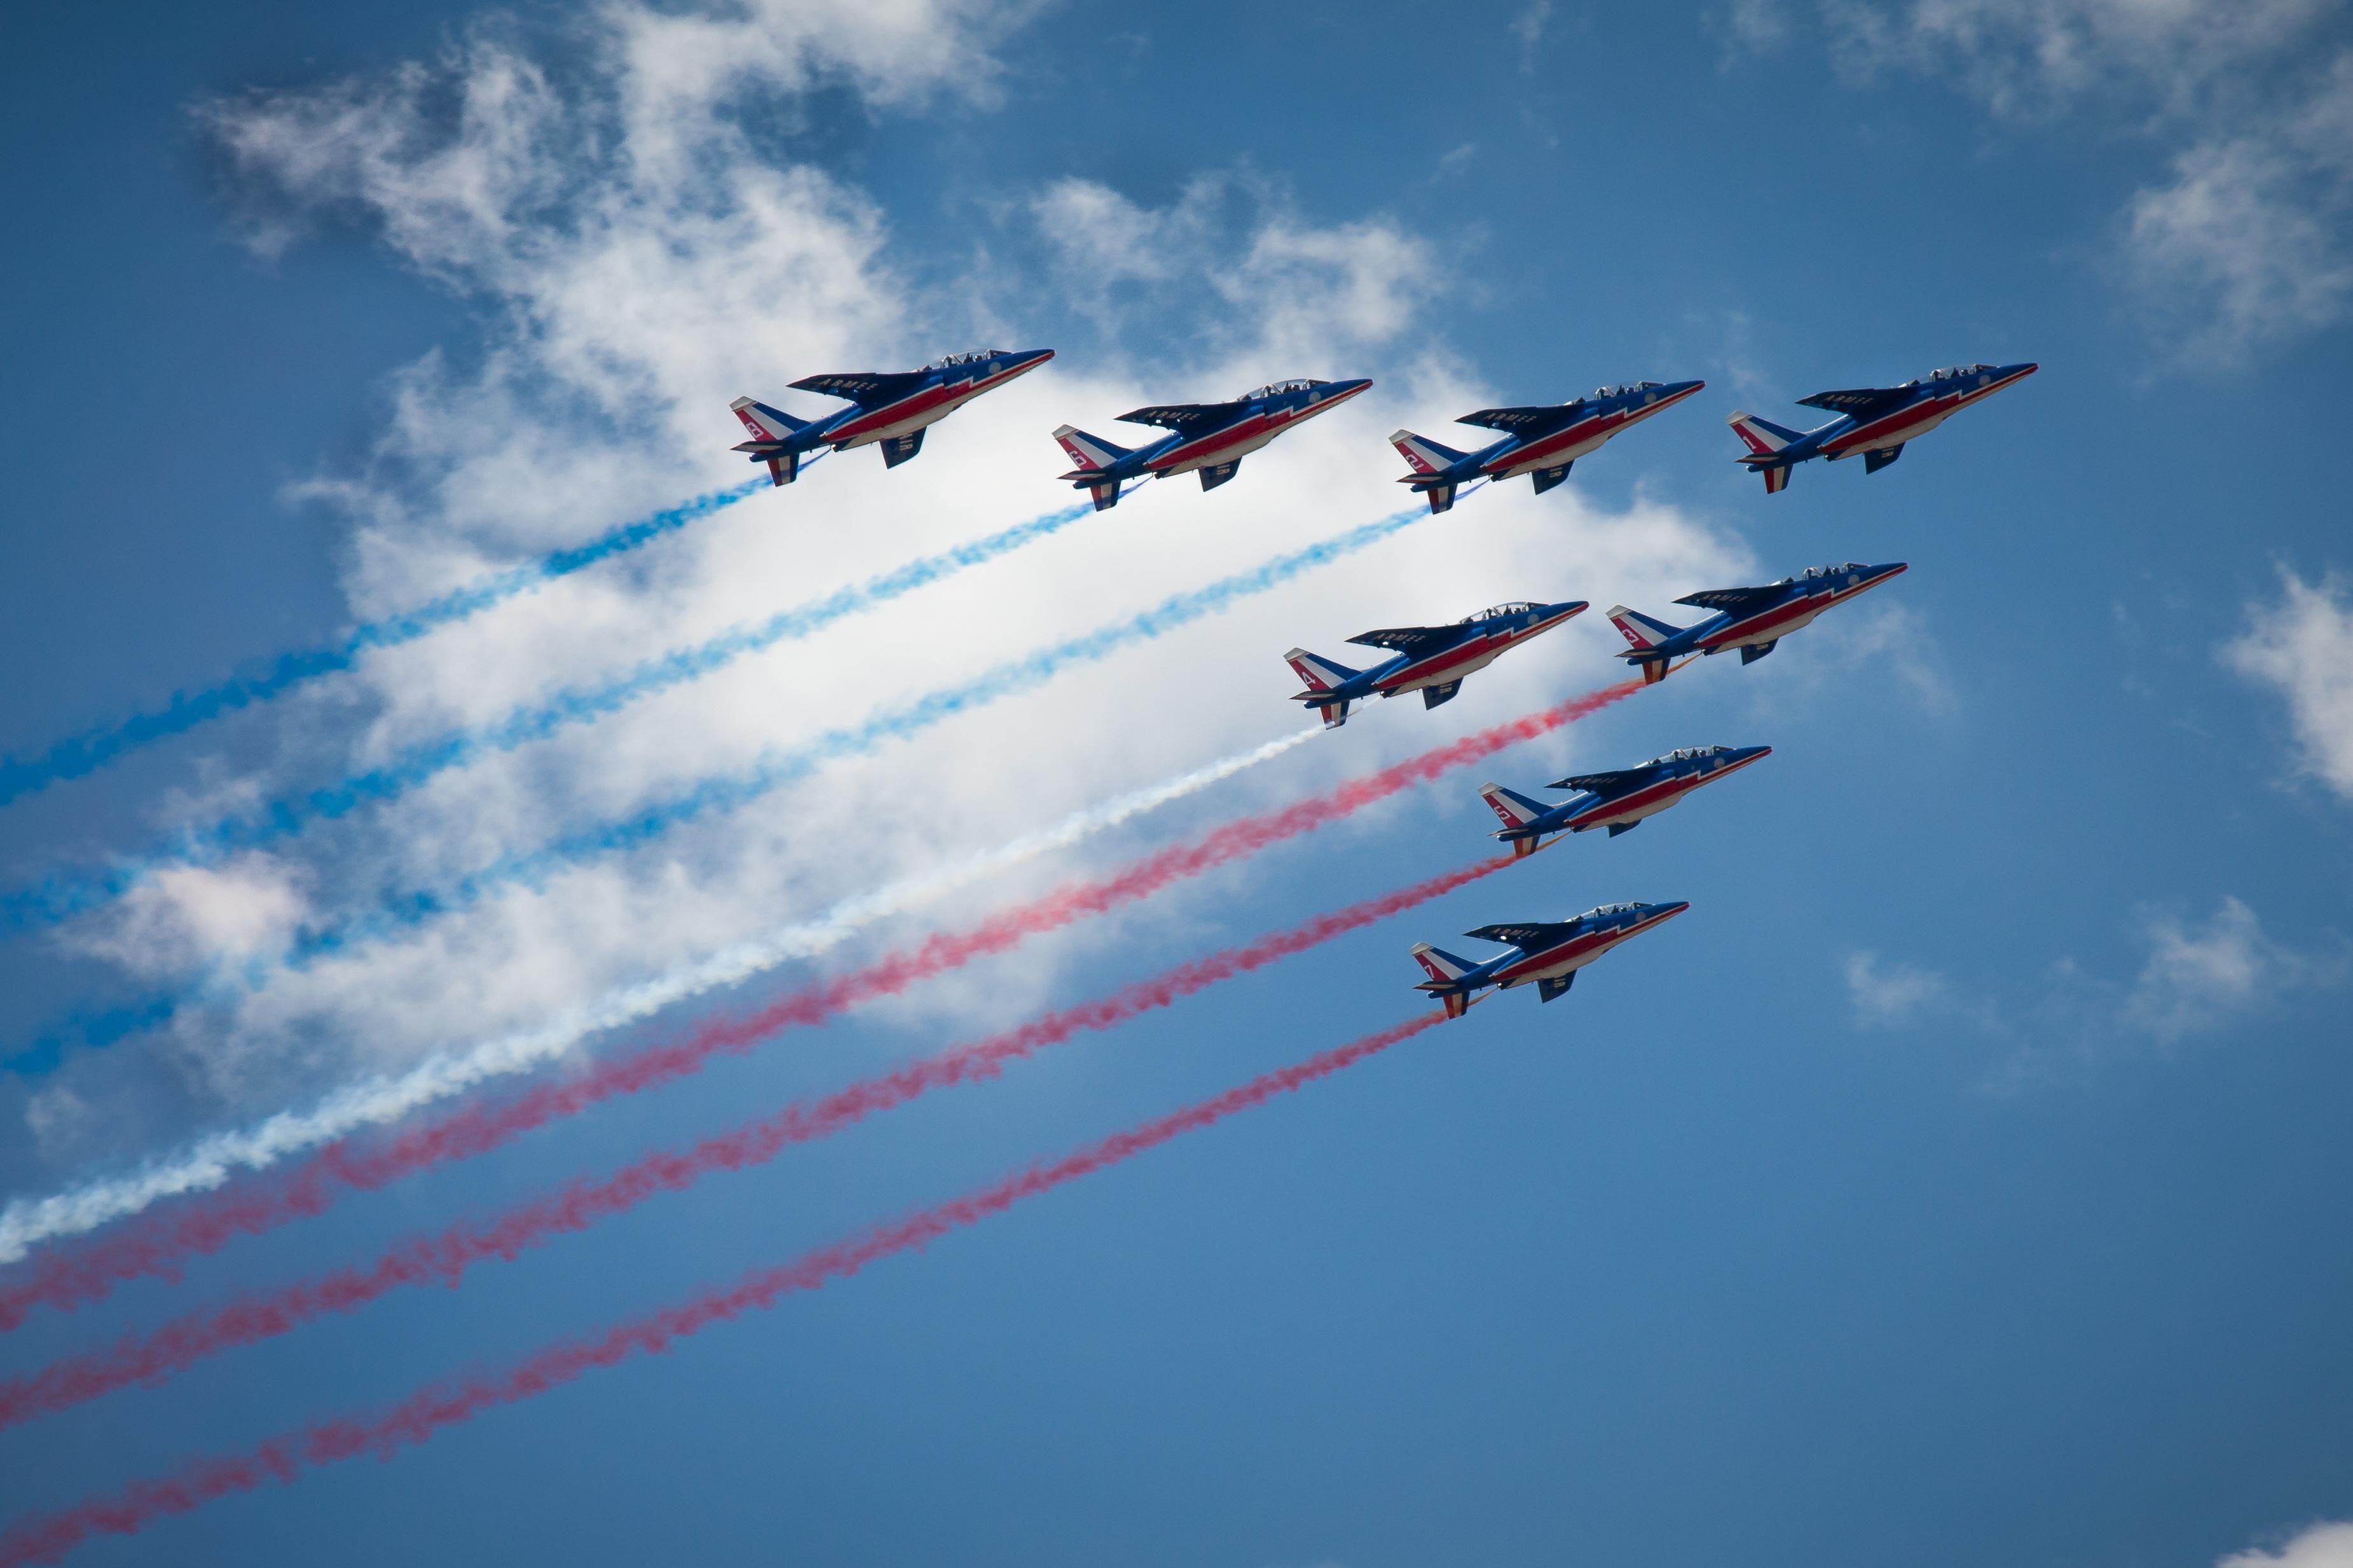 был горным фото истребителей россии в небе обновите свой браузер